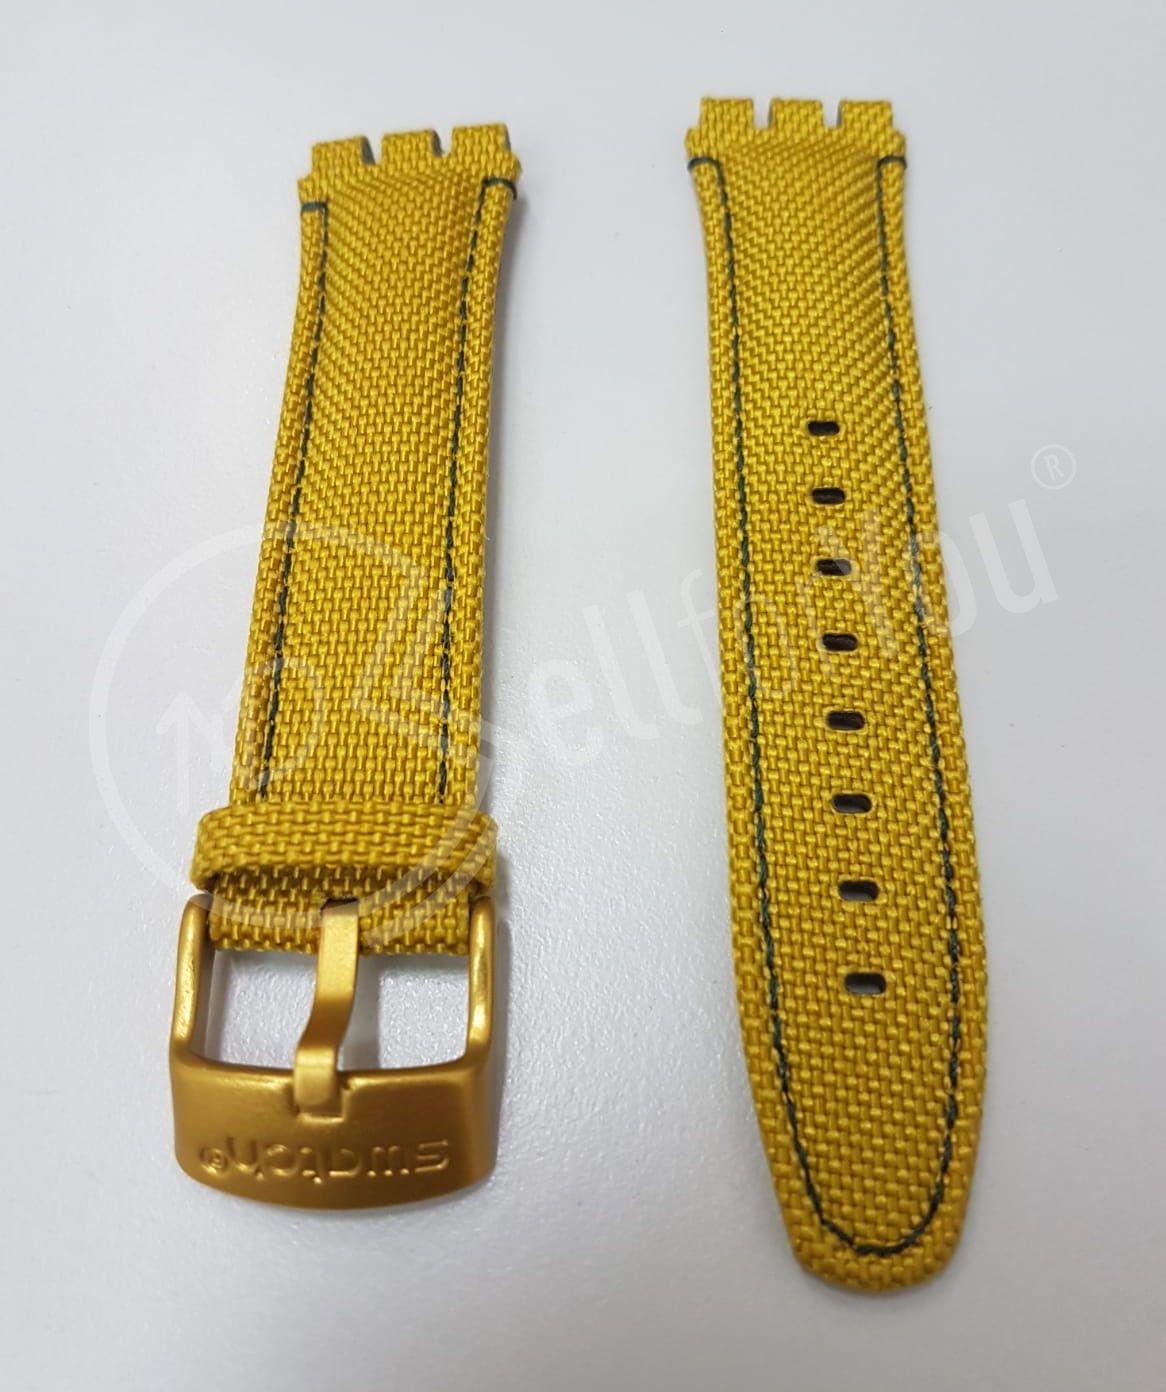 sellforyou immagine default articolo correlato non trovatoCinturino orologio Swatch ASVCK4069 Mustardy